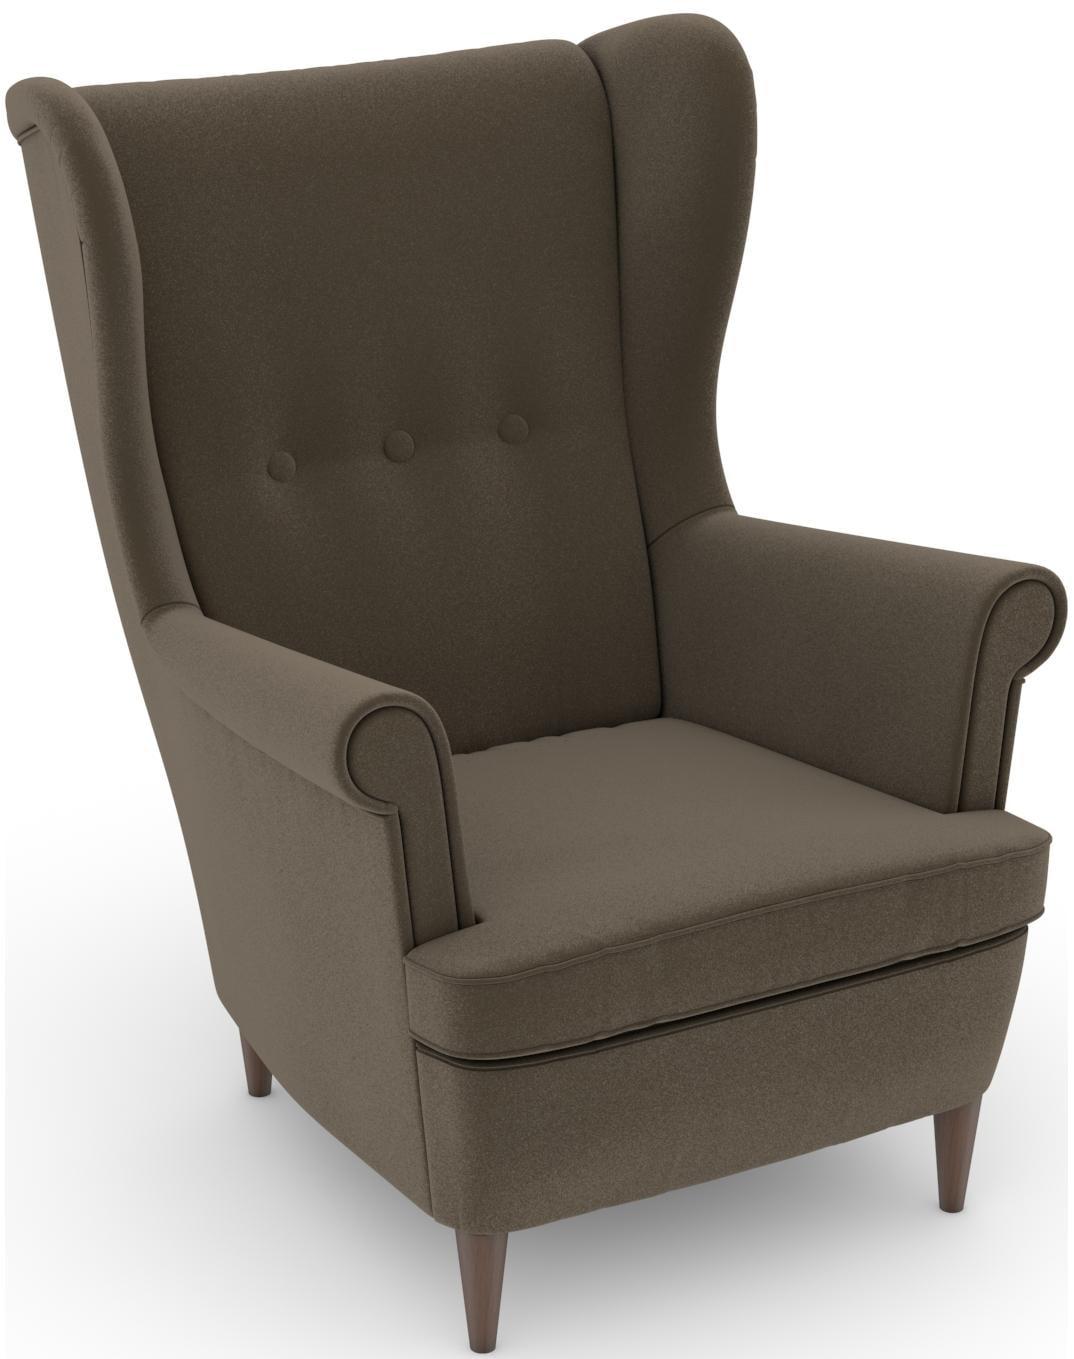 Max Winzer build-a-chair Ohrensessel Casimir im Winchester-Look zum Selbstgestalten